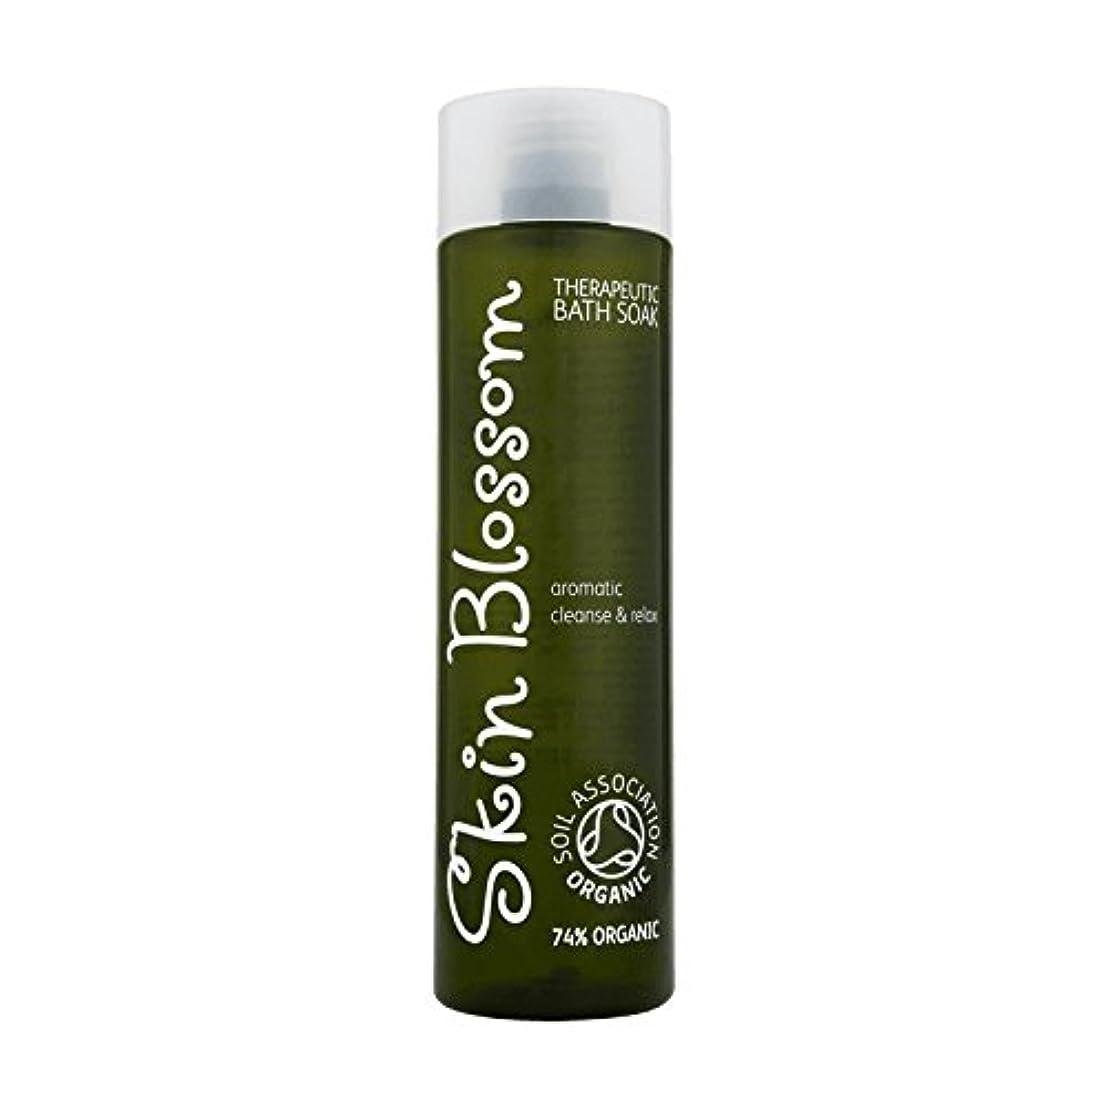 強打遺産構成員Skin Blossom Therapeutic Bath Soak 300ml (Pack of 2) - 治療浴は300ミリリットルソーク皮膚の花 (x2) [並行輸入品]